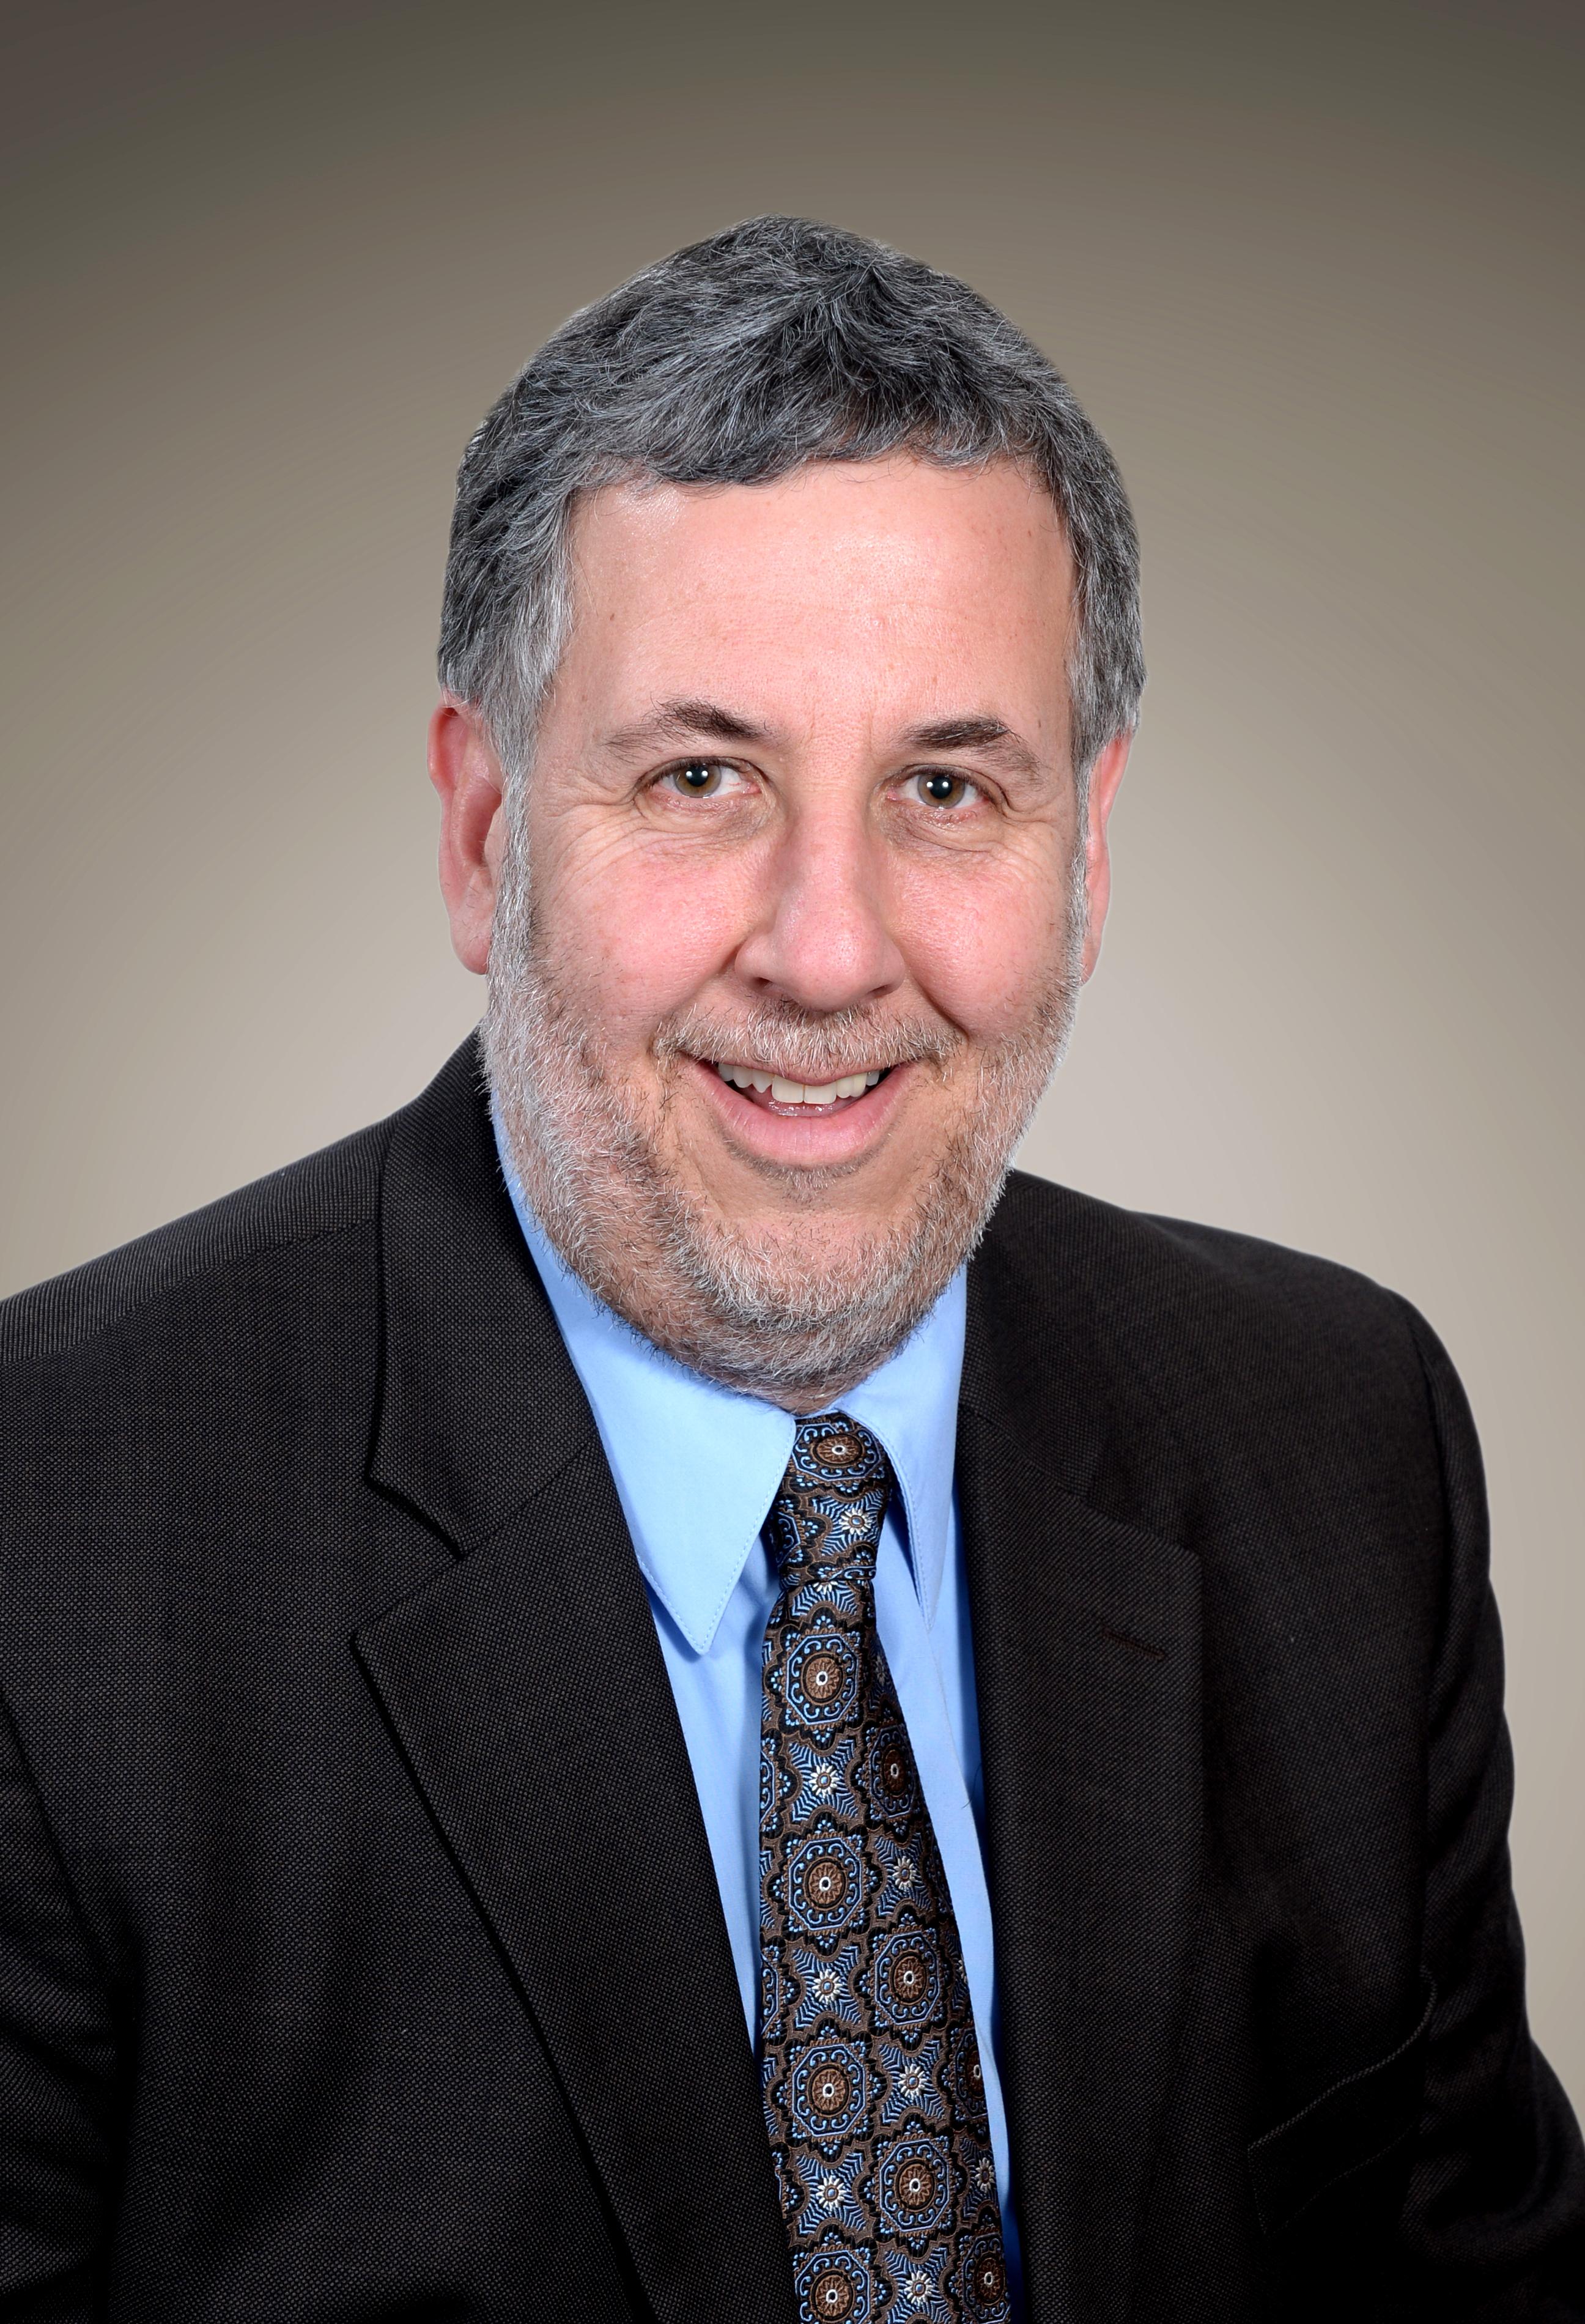 Joseph Scuterallo